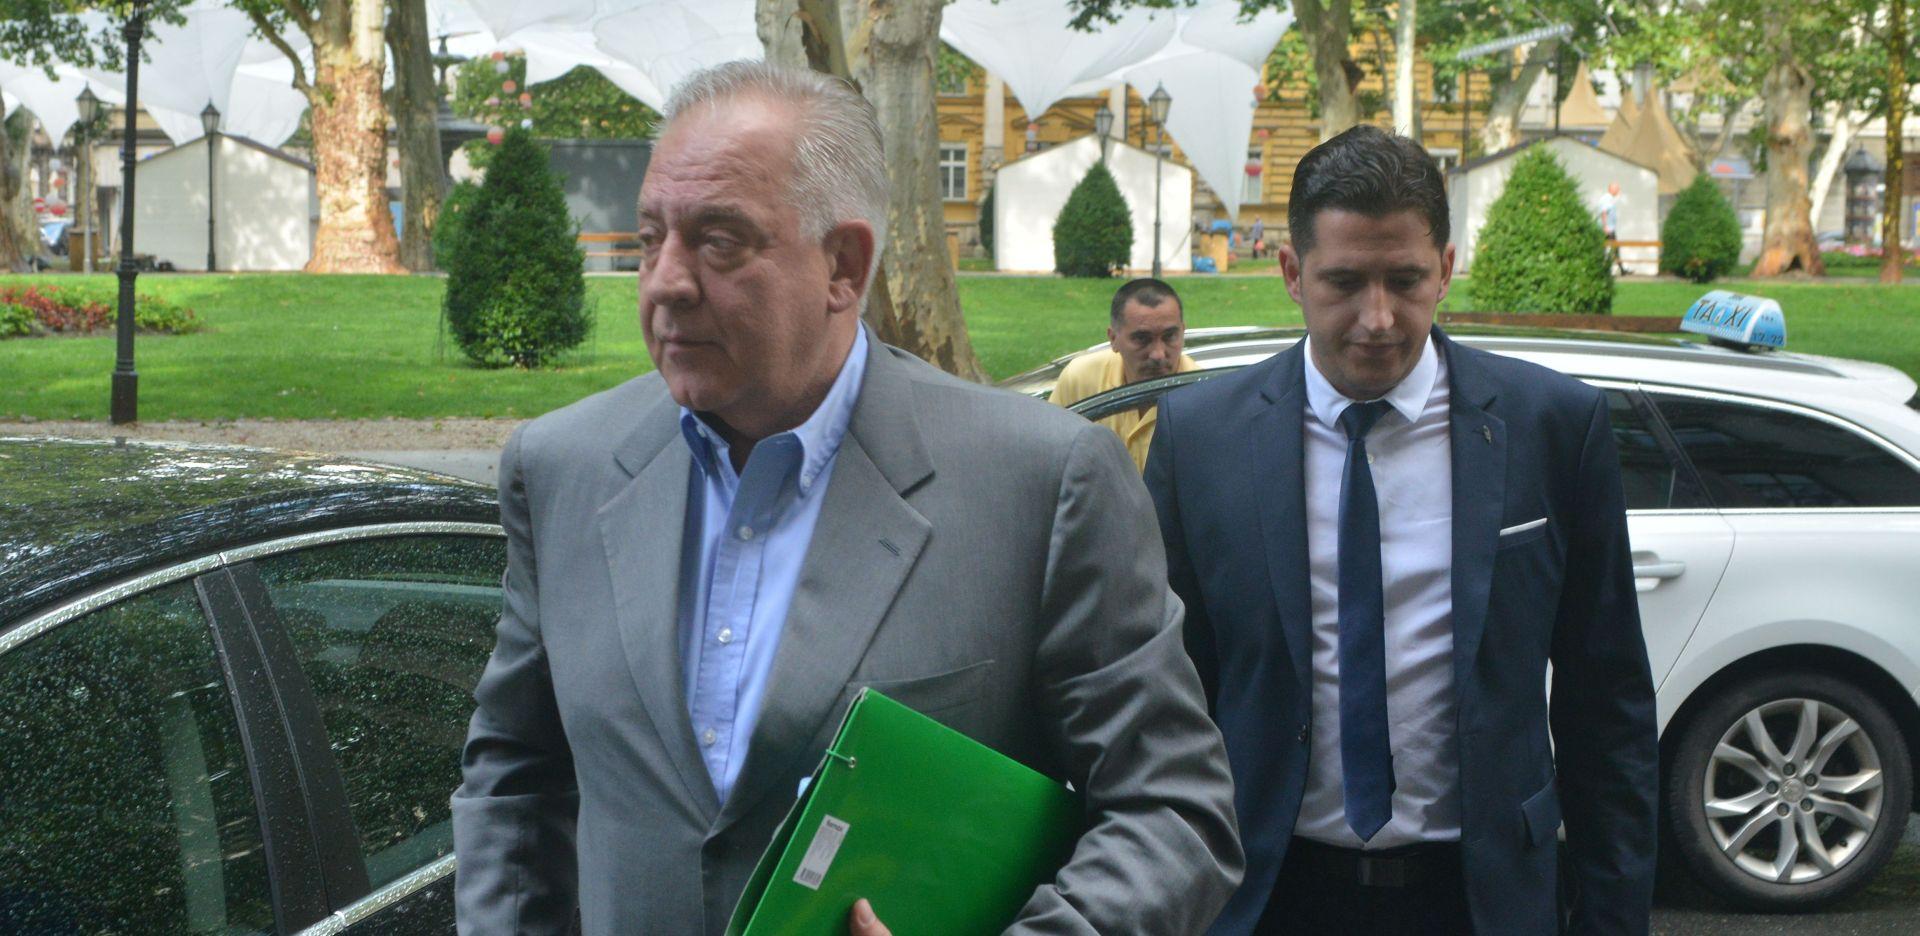 Odgođeno pripremno ročište za novo suđenje u slučaju Ina-Mol